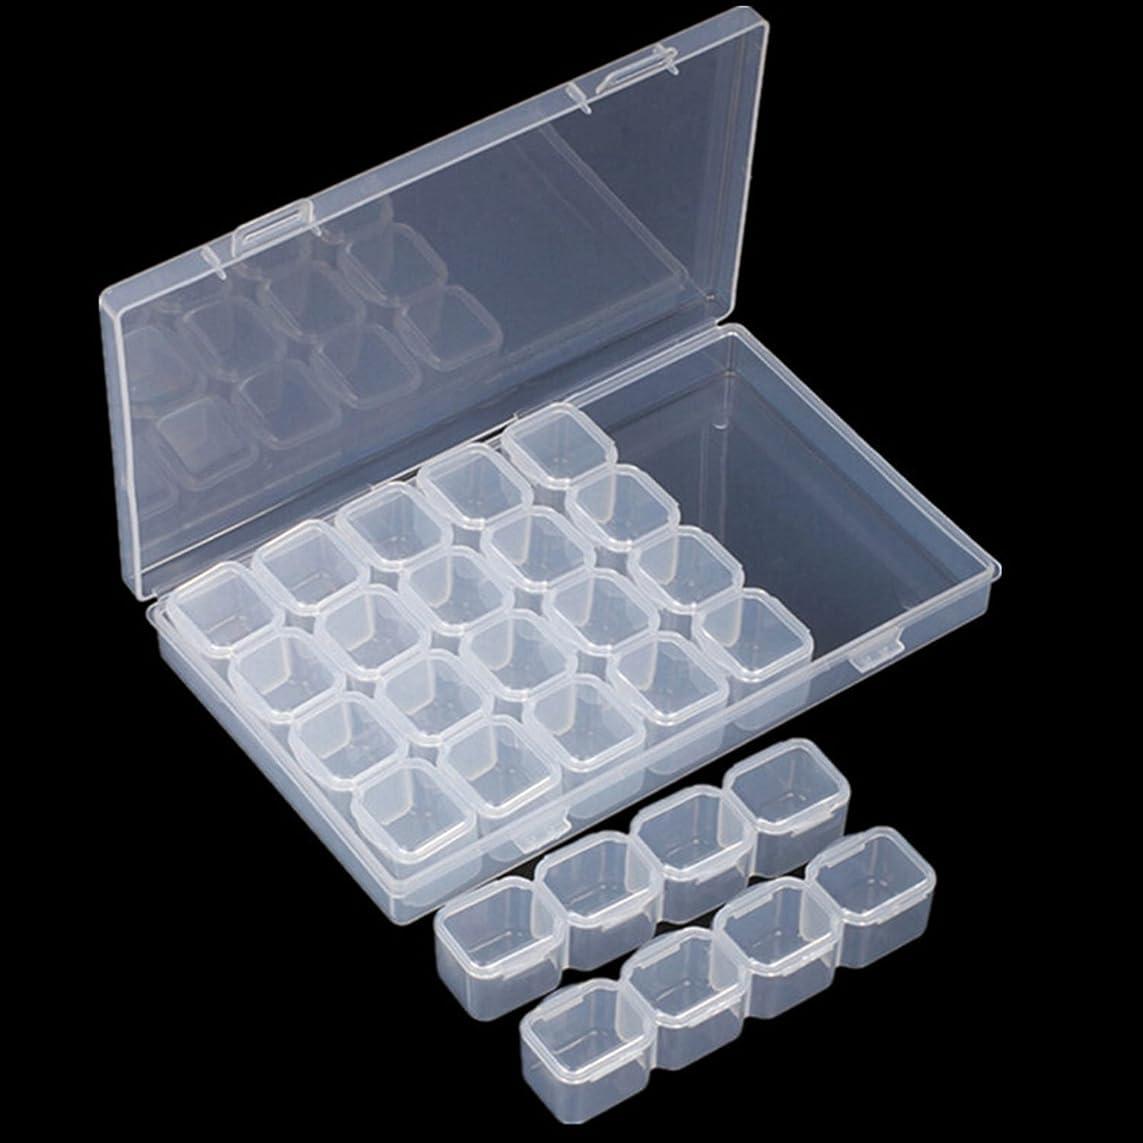 氷繰り返した正直ACAMPTAR ネイル28ラティスジュエリーボックス組み立てることができる解体ボックスネイル装飾ガジェット合金ダイヤモンドの装飾品のボックス